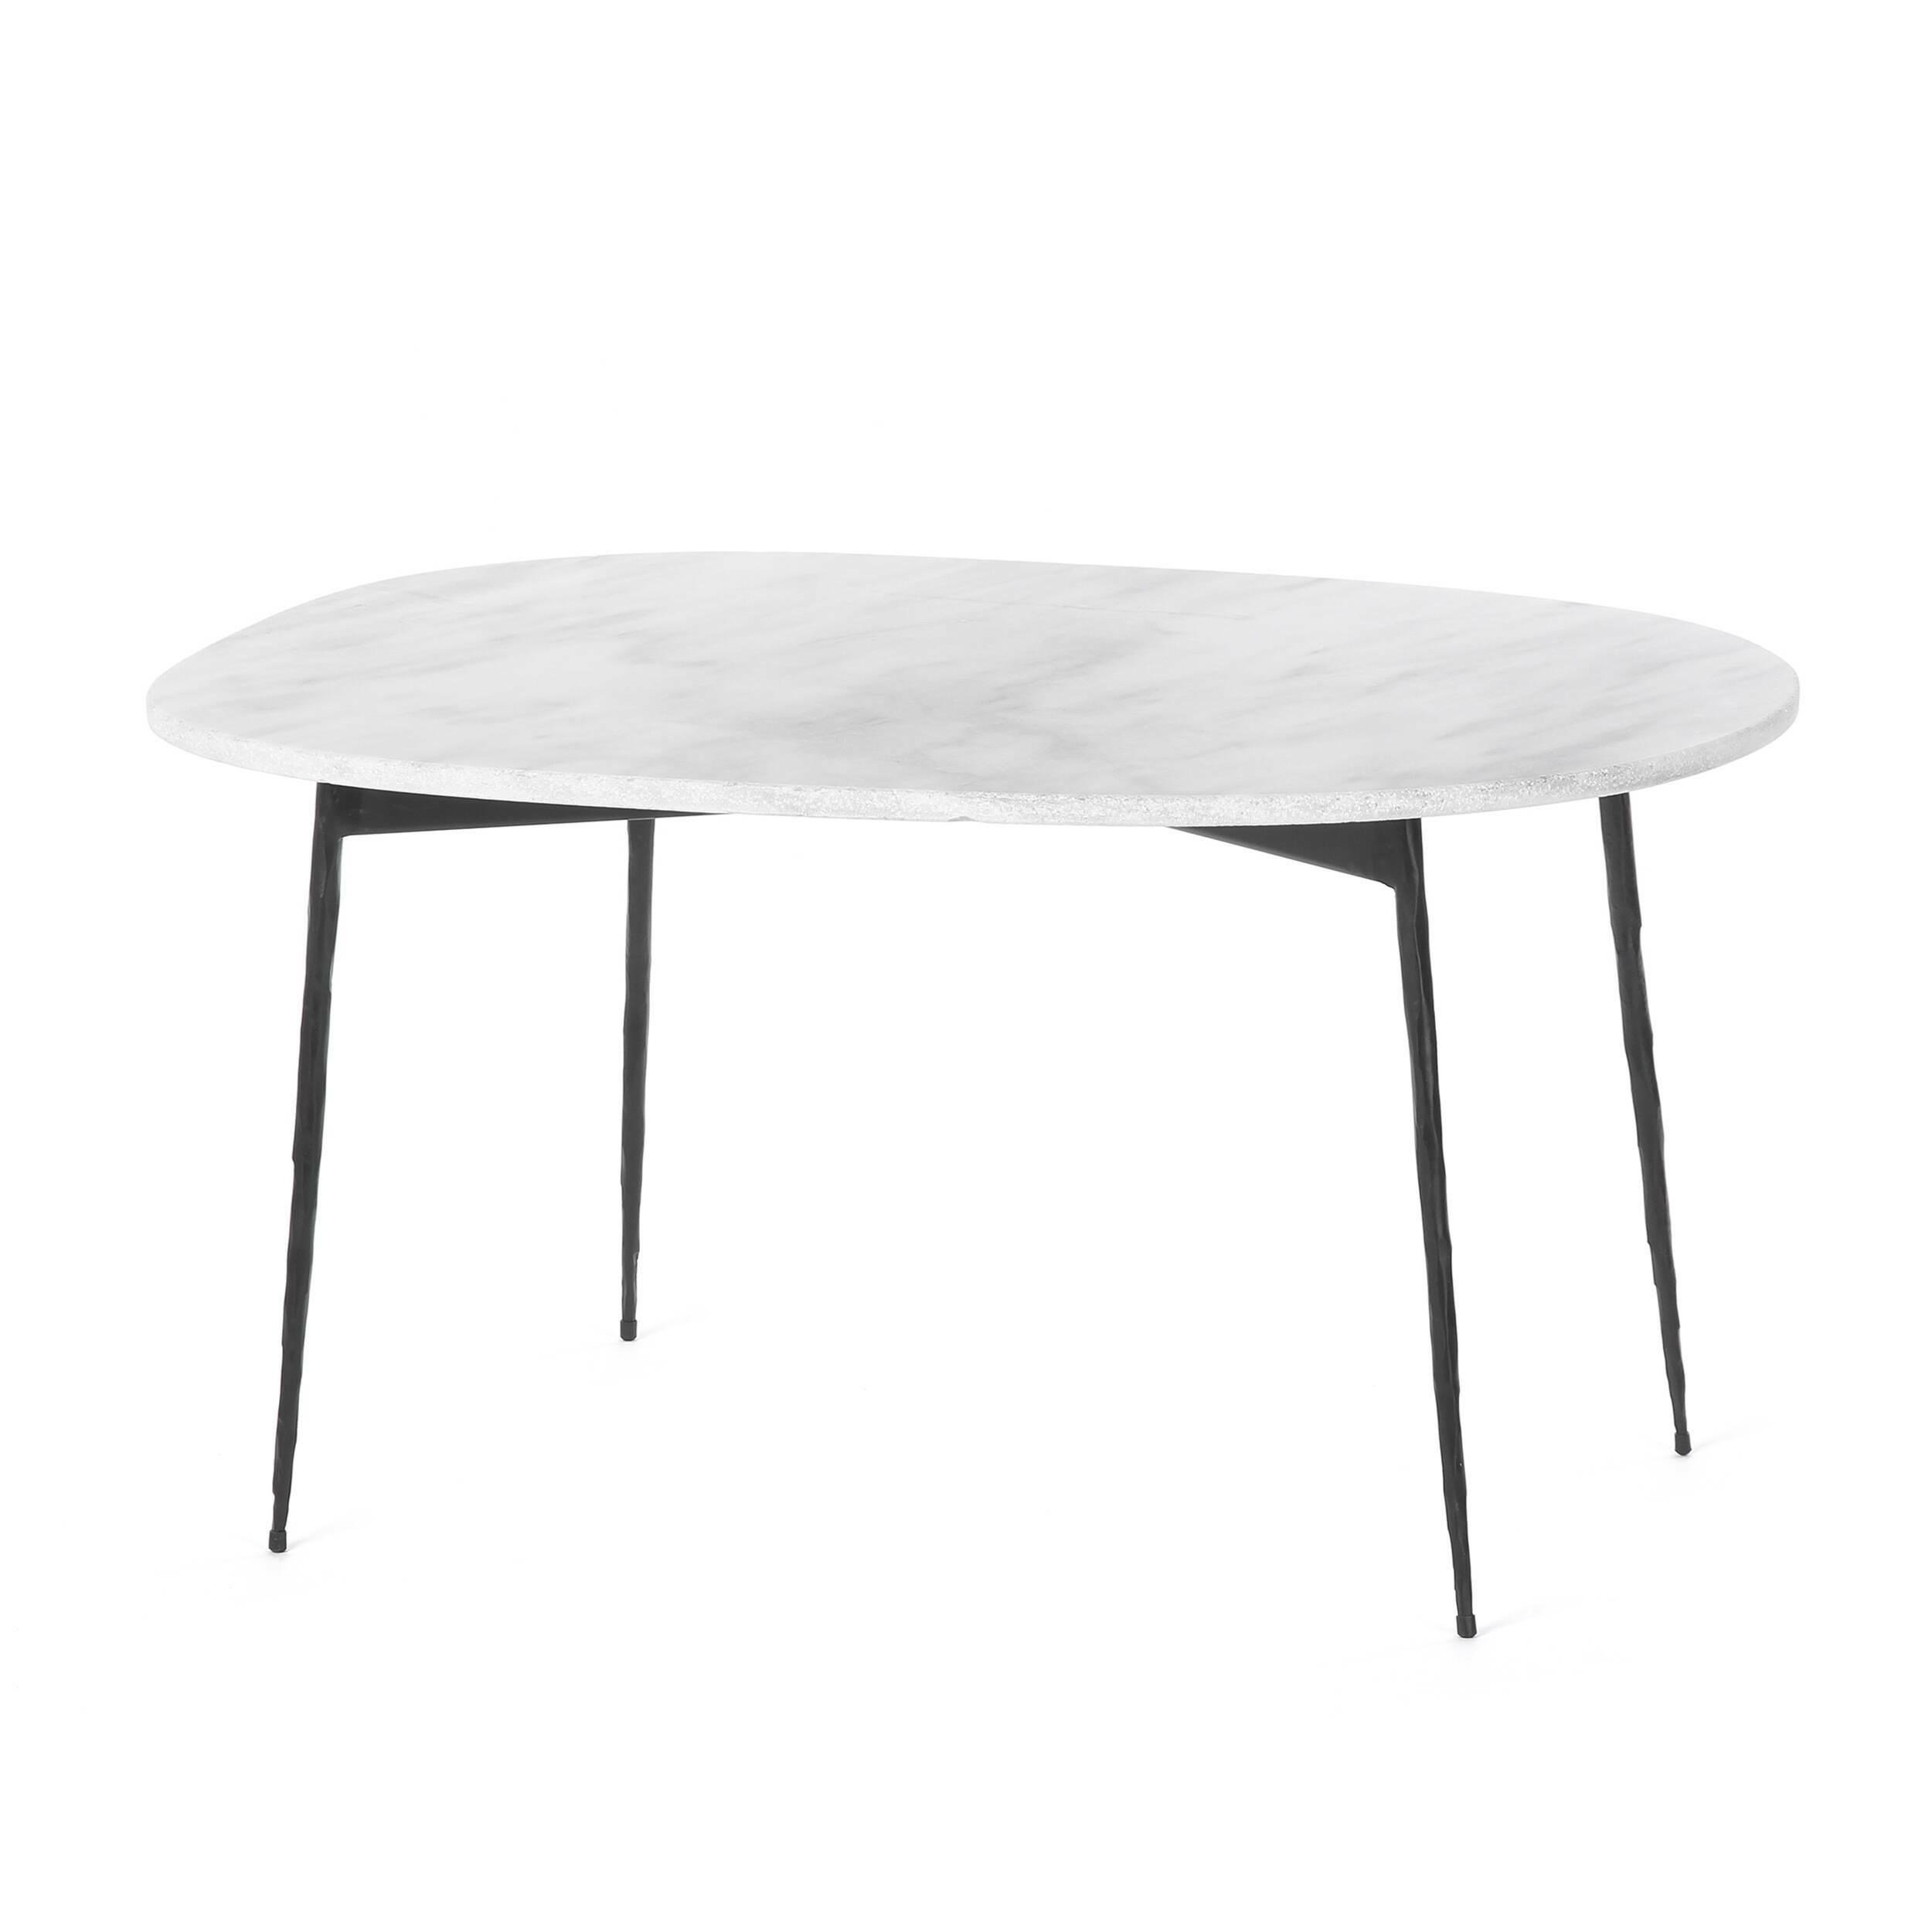 Кофейный стол Michael длина 75,5Кофейные столики<br>Элегантный дизайнерский кофейный стол Michael длина 75,5 – это роскошный функциональный помощник в интерьере. На этот стол поместится все что угодно, от обильно накрытого завтрака до небольших домашних фуршетов и угощений для вечеринки с друзьями.<br><br><br> Эта модель представляет собой воплощение уникального сочетания надежности и изысканной красоты. Это достигается за счет используемого материала – мрамора, который исторически высоко ценится за свои декоративные и физические качества. Благ...<br><br>stock: 6<br>Высота: 39<br>Ширина: 58<br>Длина: 75,5<br>Цвет ножек: Черный<br>Цвет столешницы: Белый<br>Тип материала столешницы: Мрамор<br>Тип материала ножек: Сталь